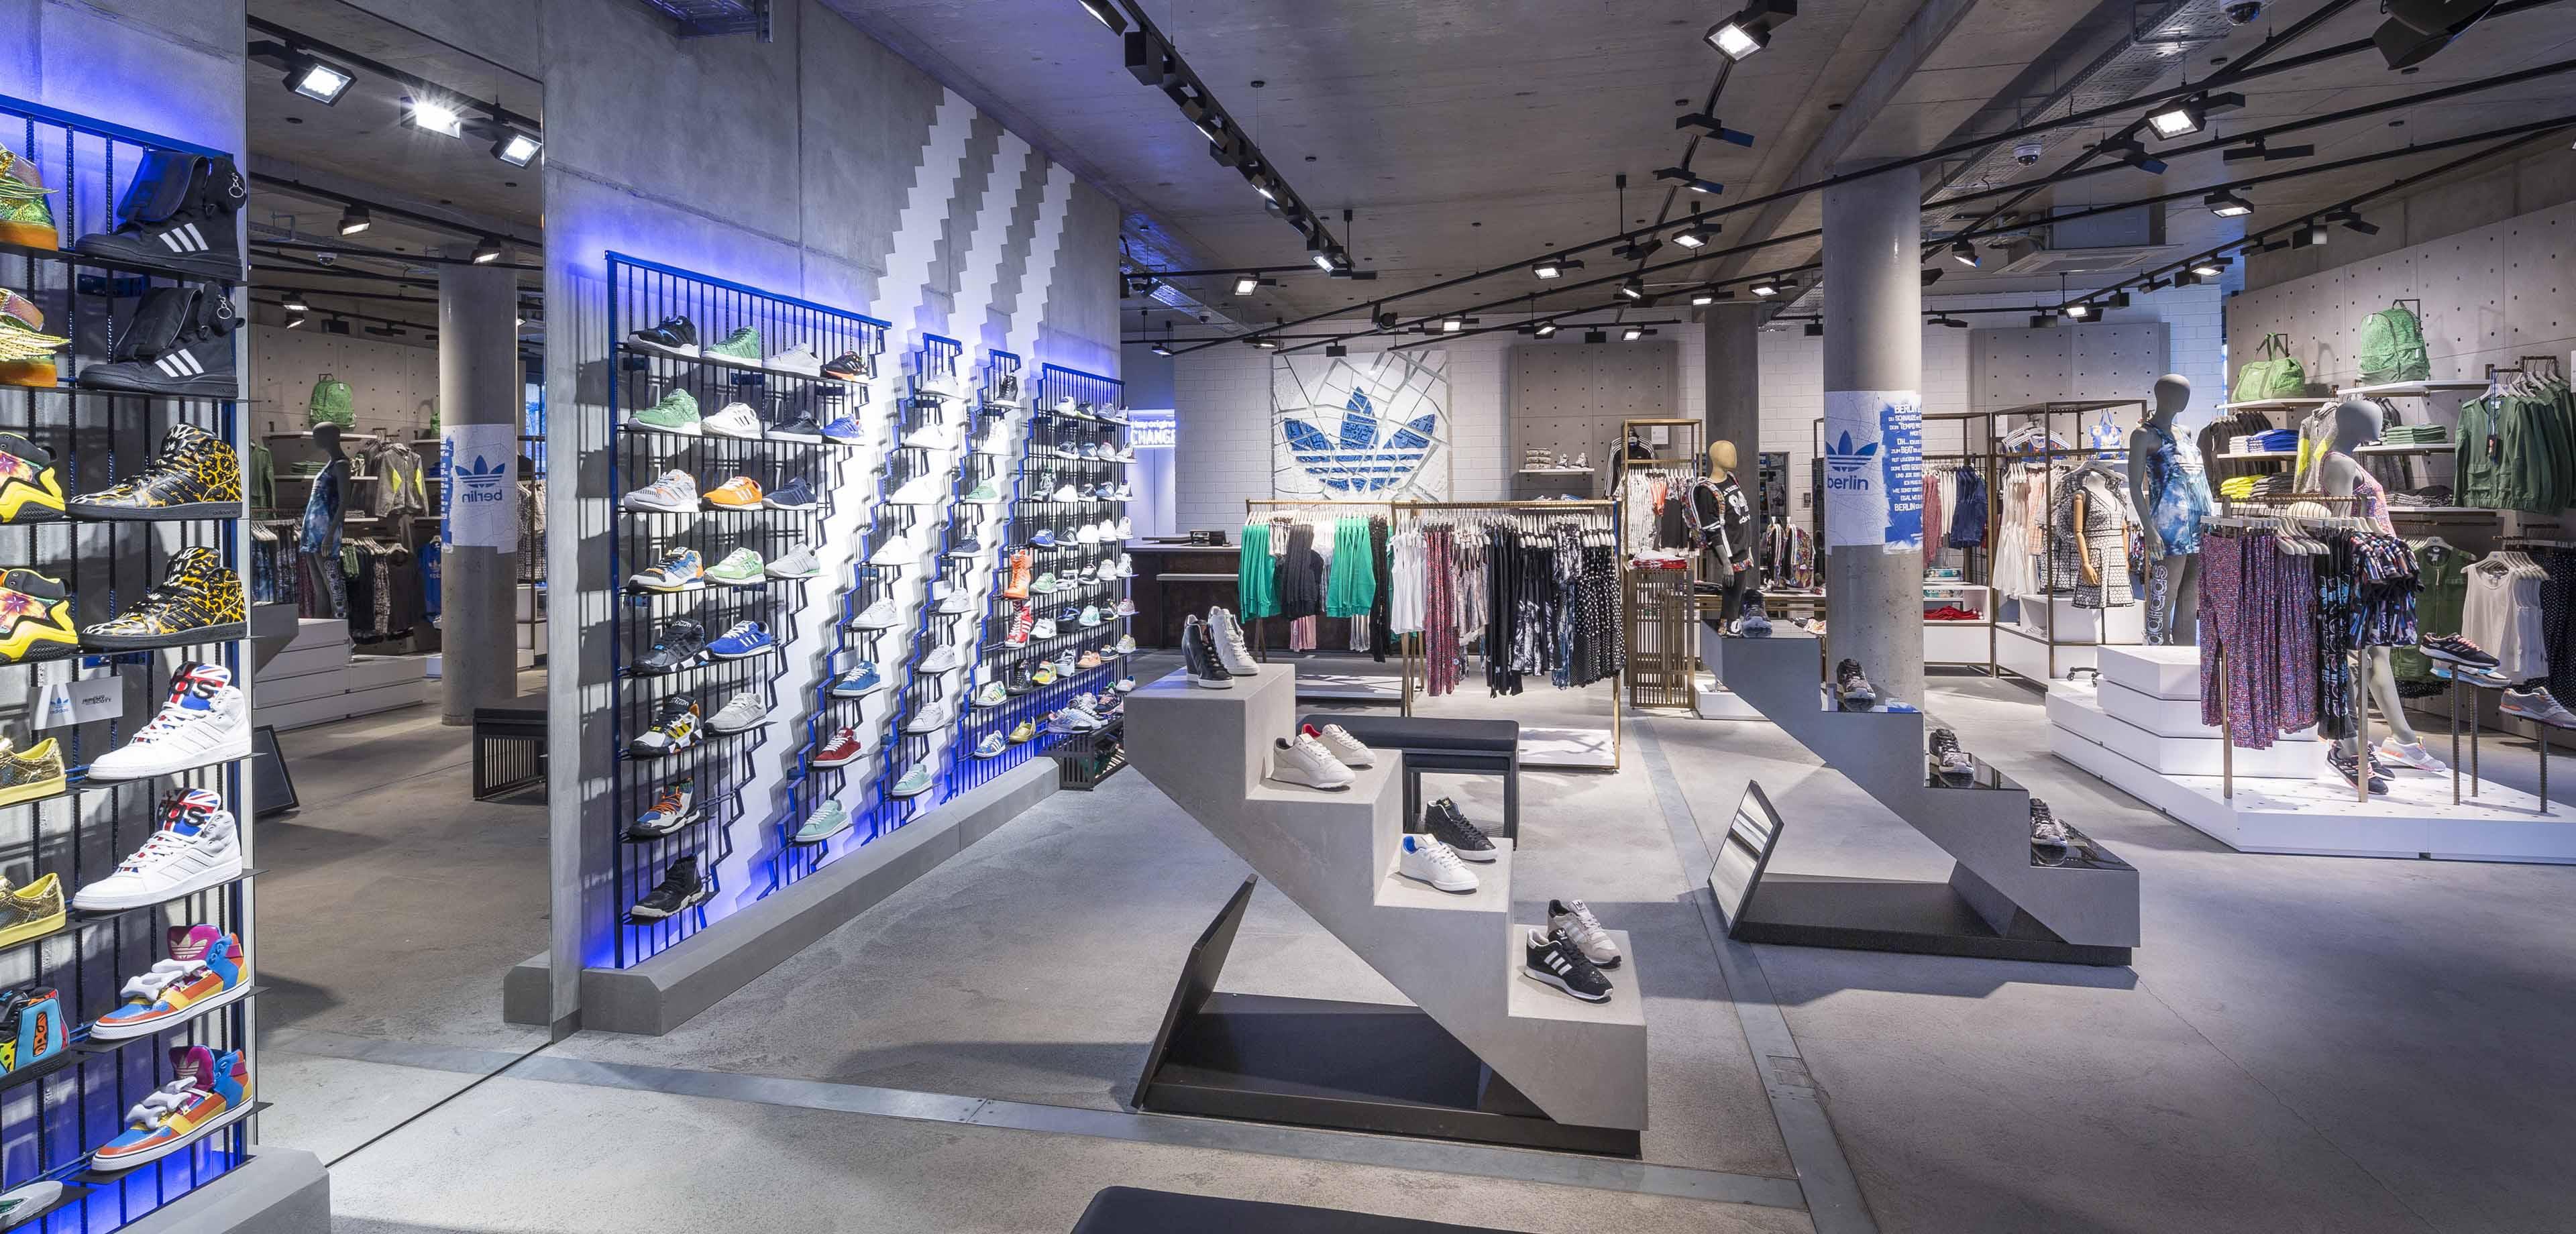 48d9510d971 Há uma nova Adidas no centro do País com todas as coleções da marca